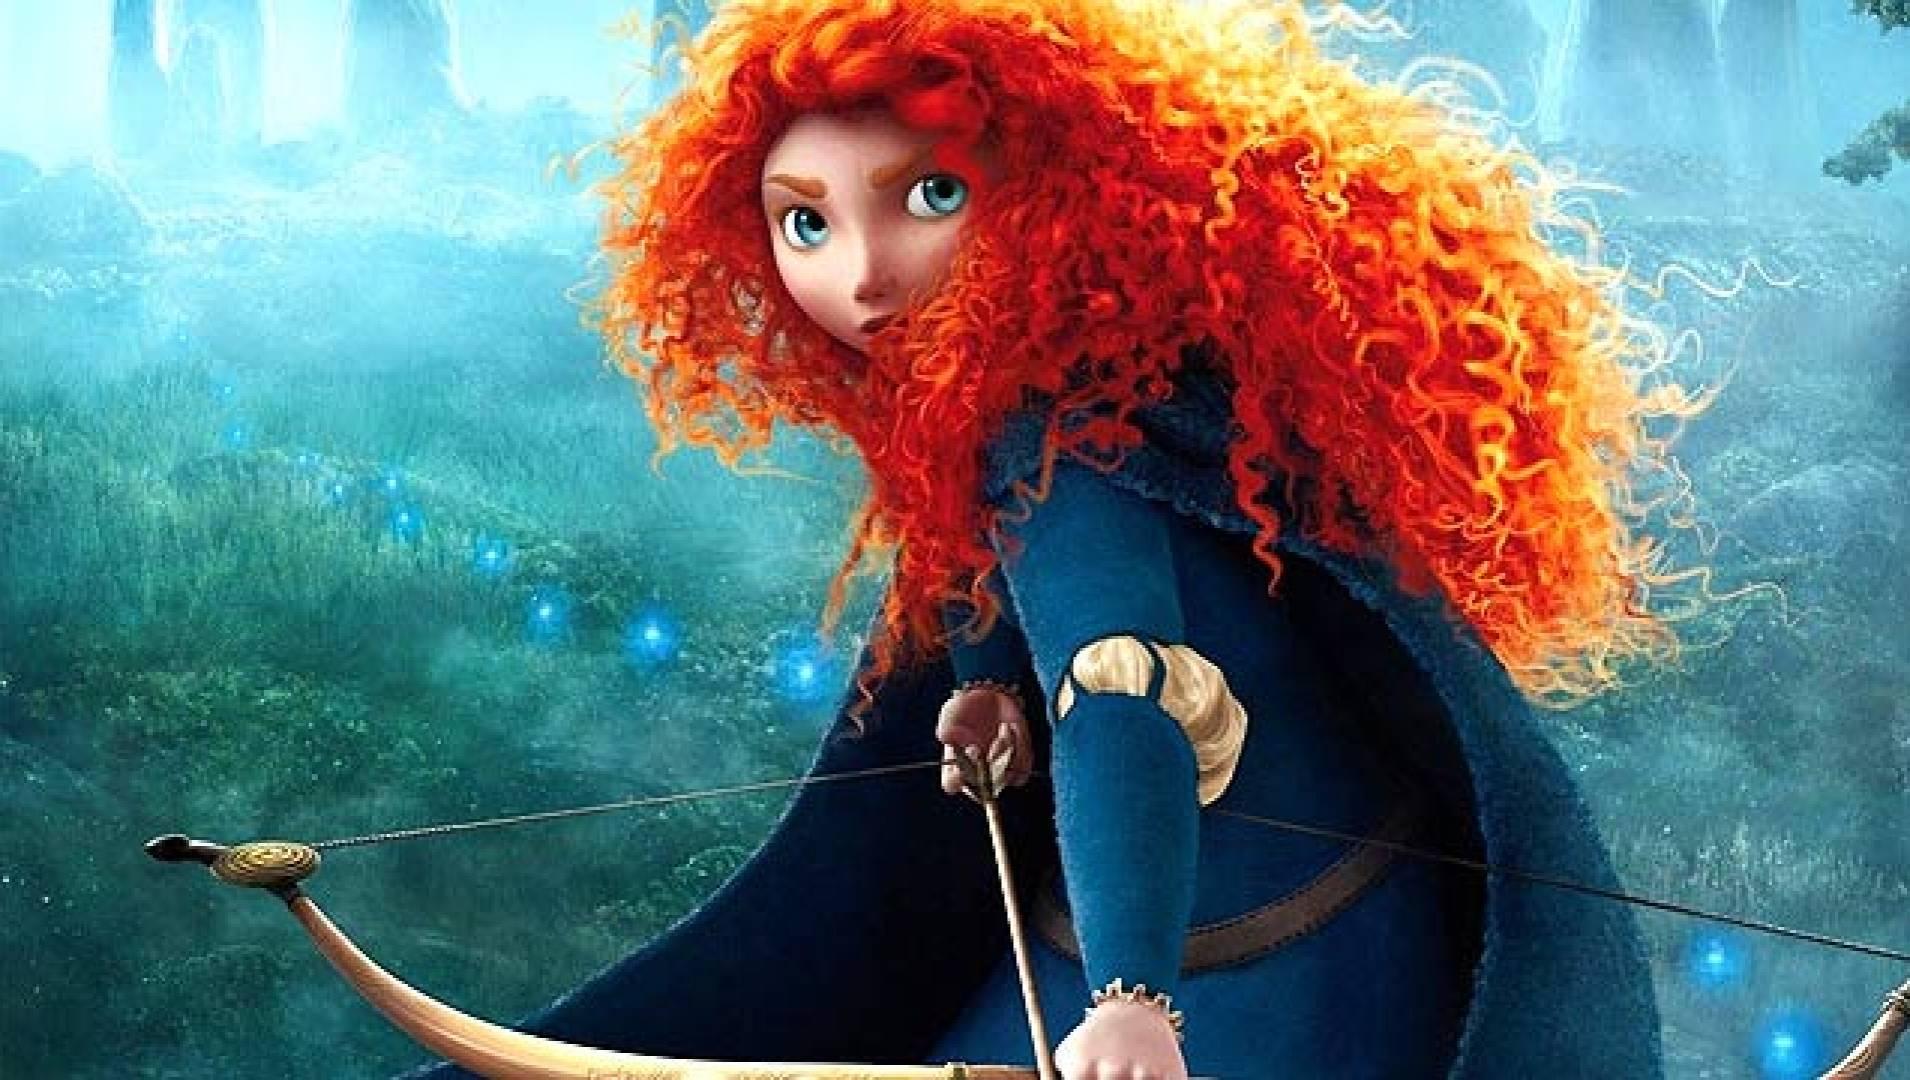 Храбрая сердцем - Приключения, Анимационный фильм